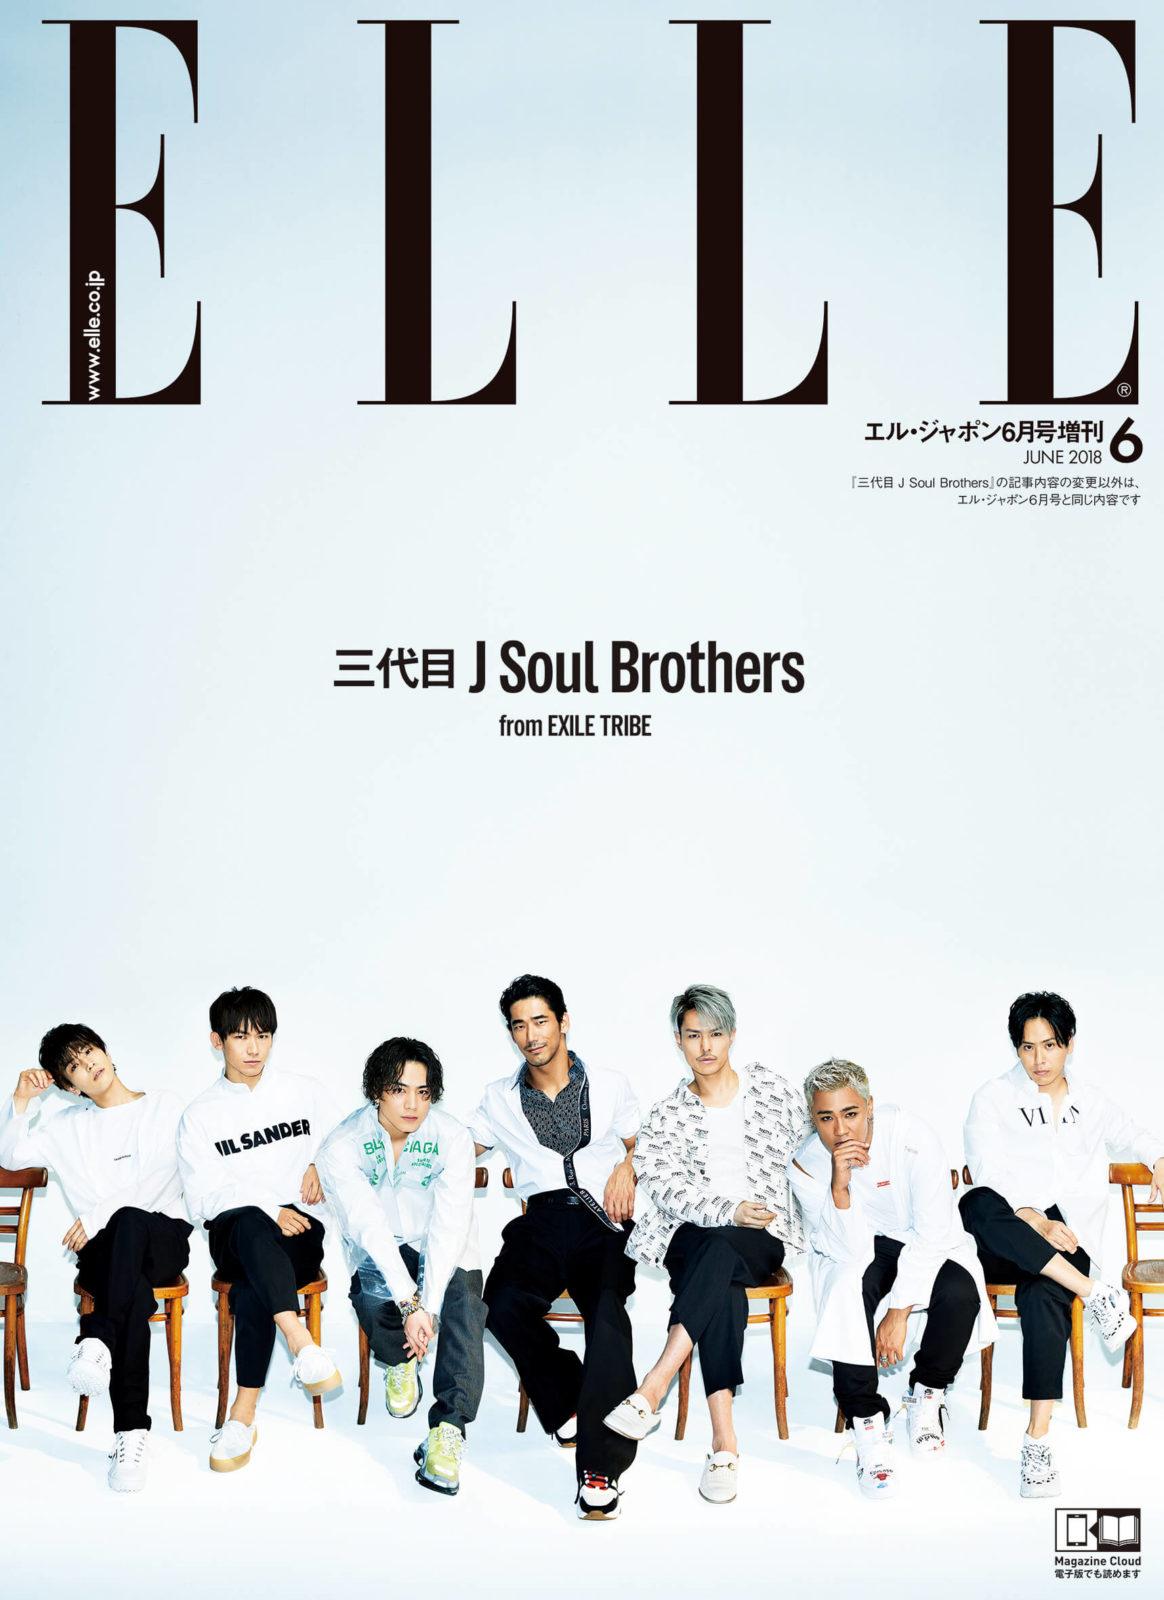 三代目JSB、メンバー全員で日本人男性初のELLE表紙に登場サムネイル画像